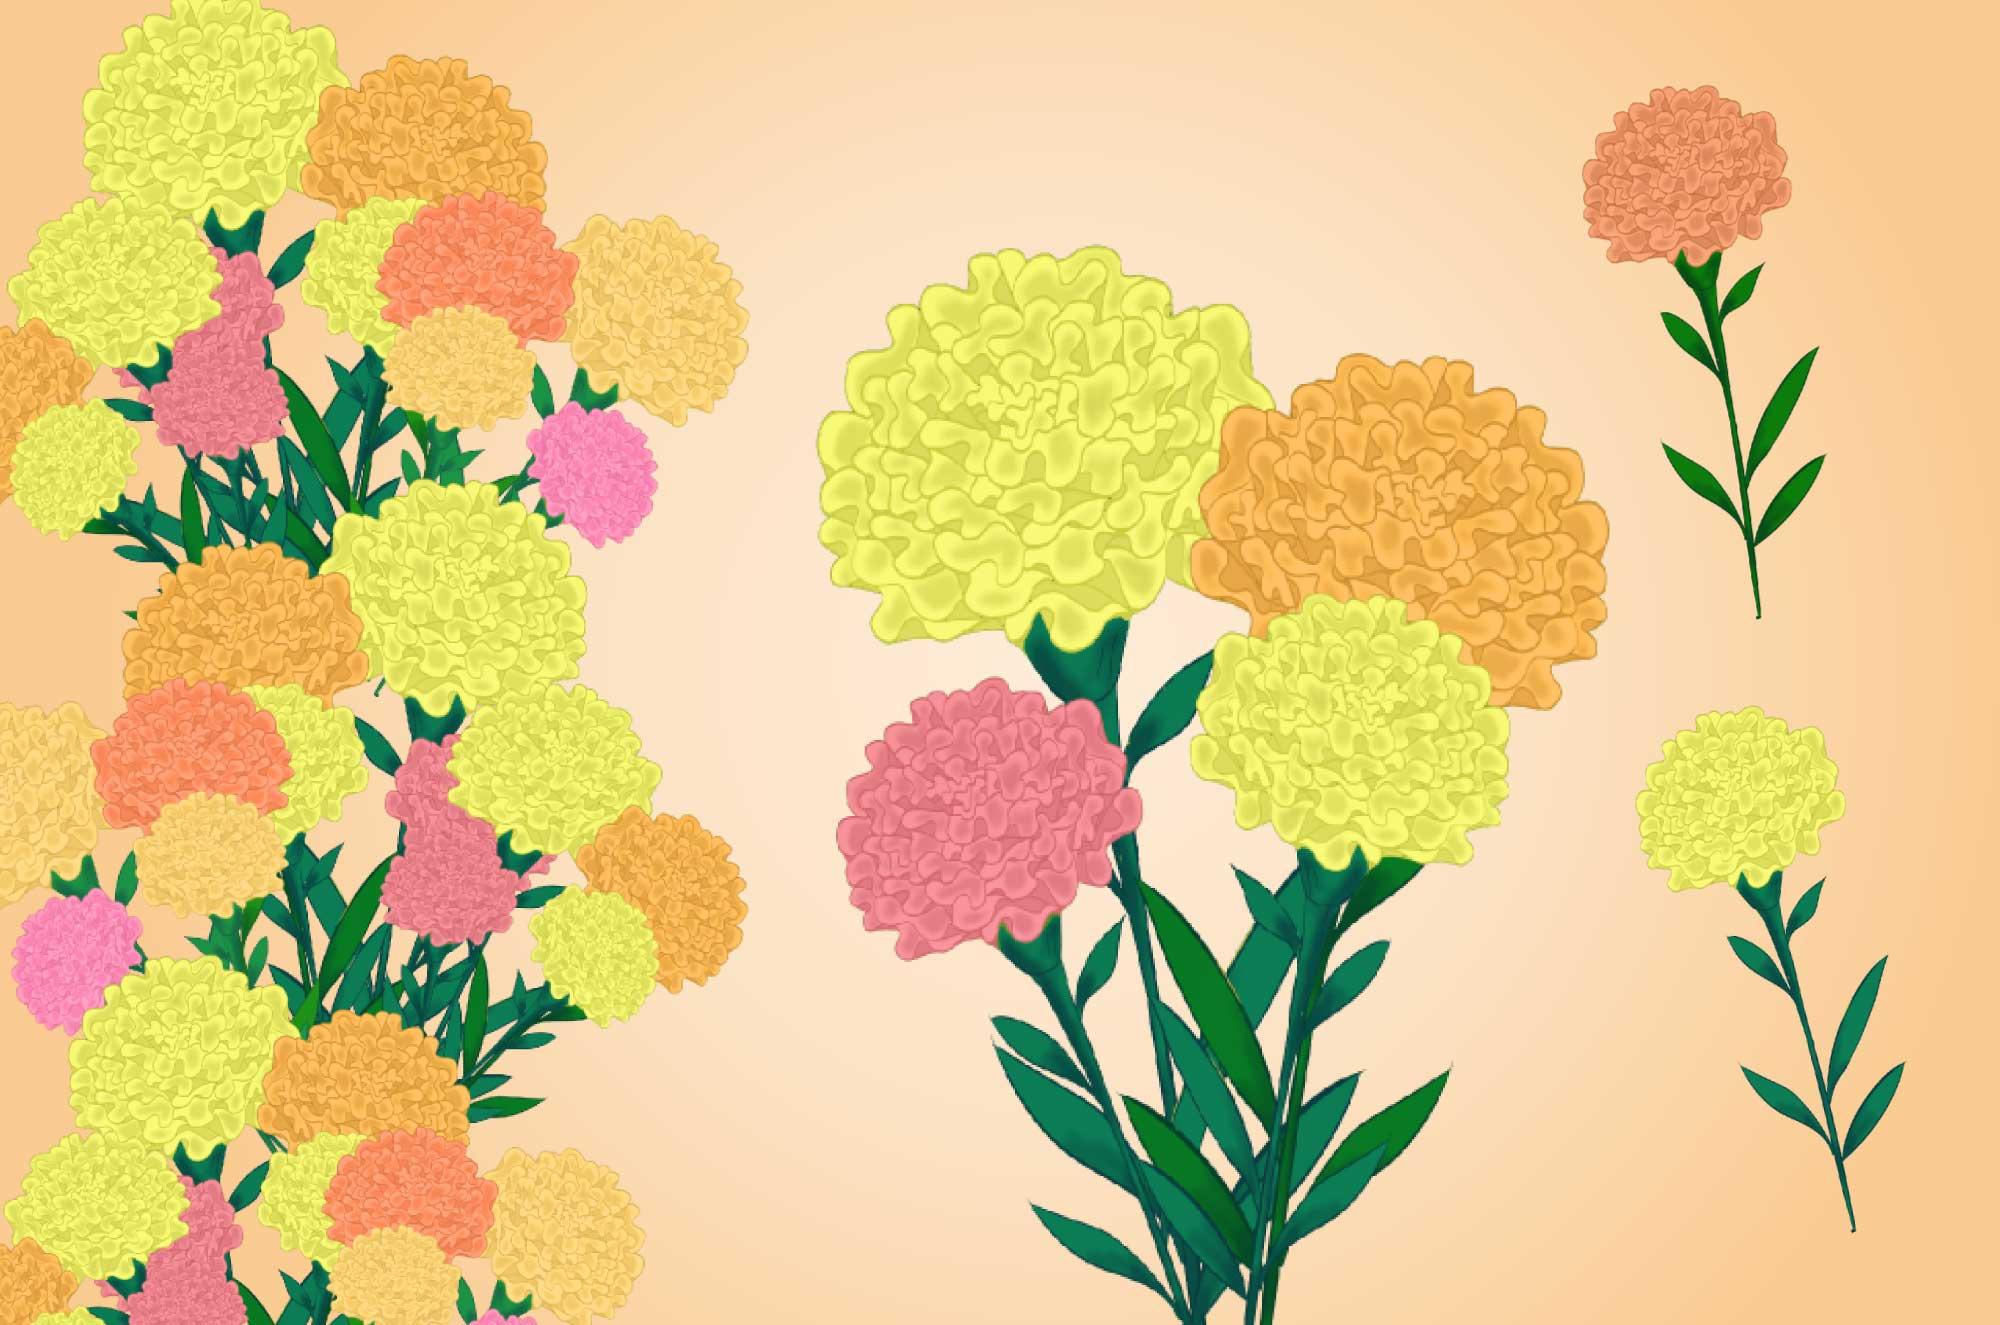 マリーゴールドの無料イラスト - 花のフリー素材